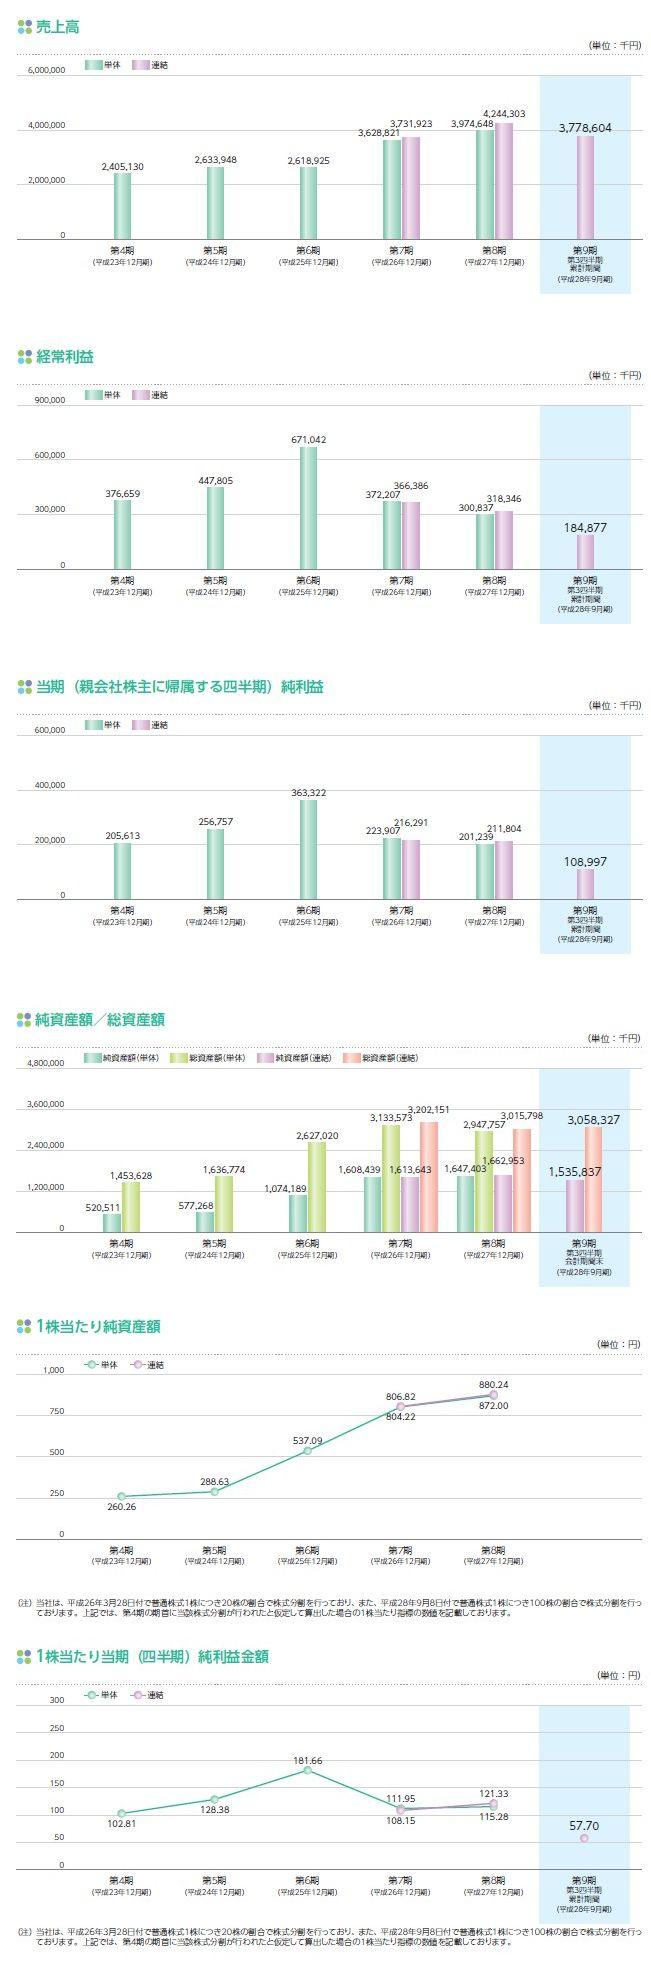 シンシアの経営指標グラフ